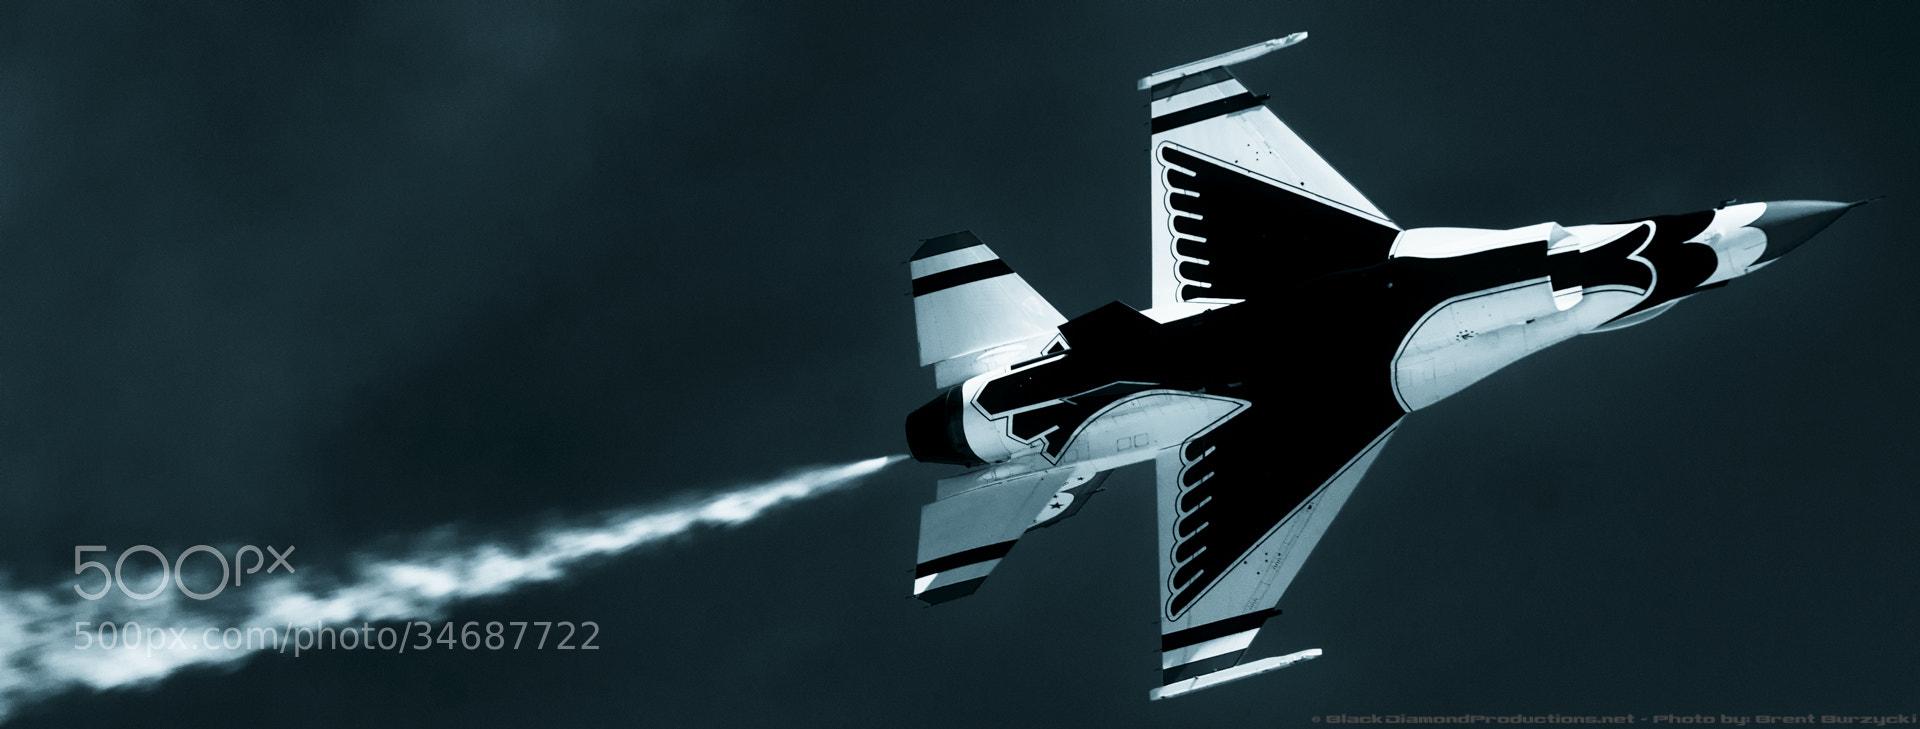 Photograph Thunderbirds are go..... by Brent Burzycki on 500px